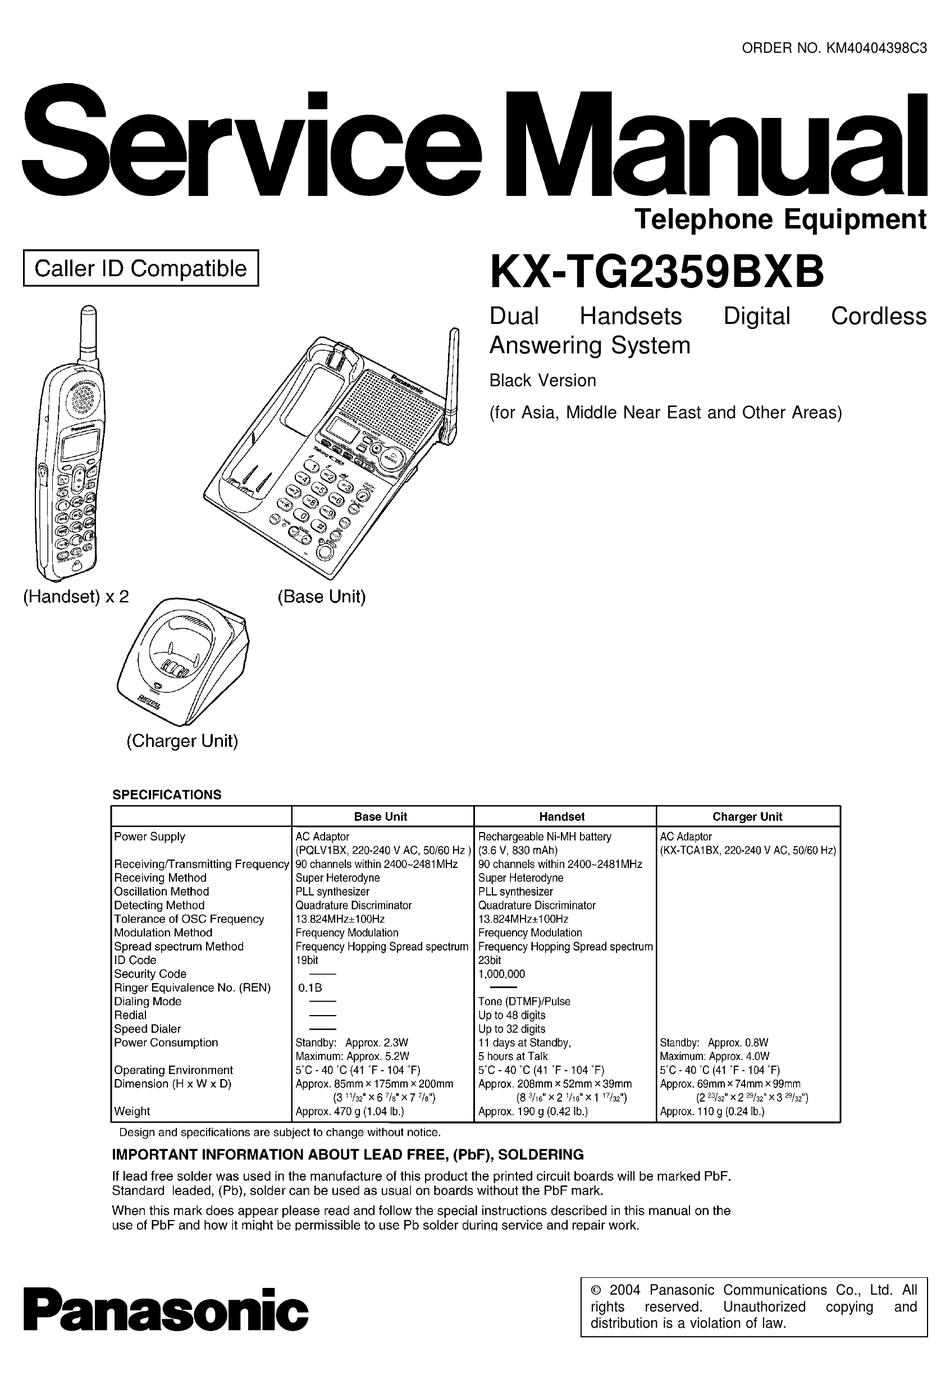 PANASONIC KX-TG2359BXB SERVICE MANUAL Pdf Download